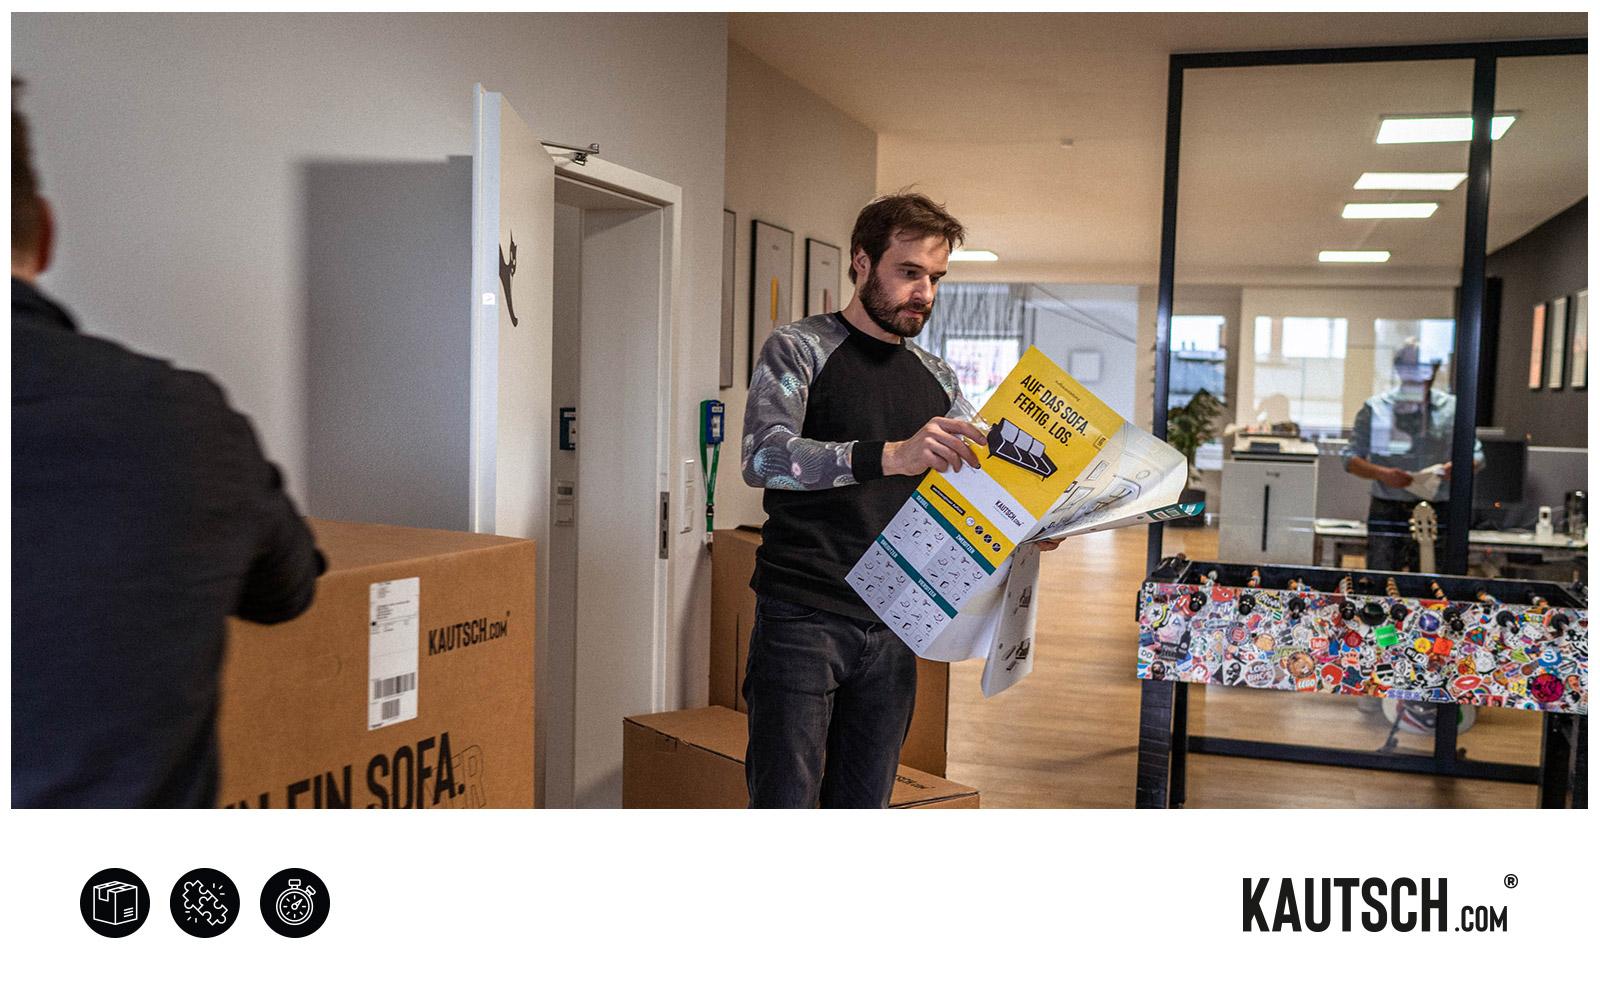 KAUTSCH.com – Aufbau Sofa